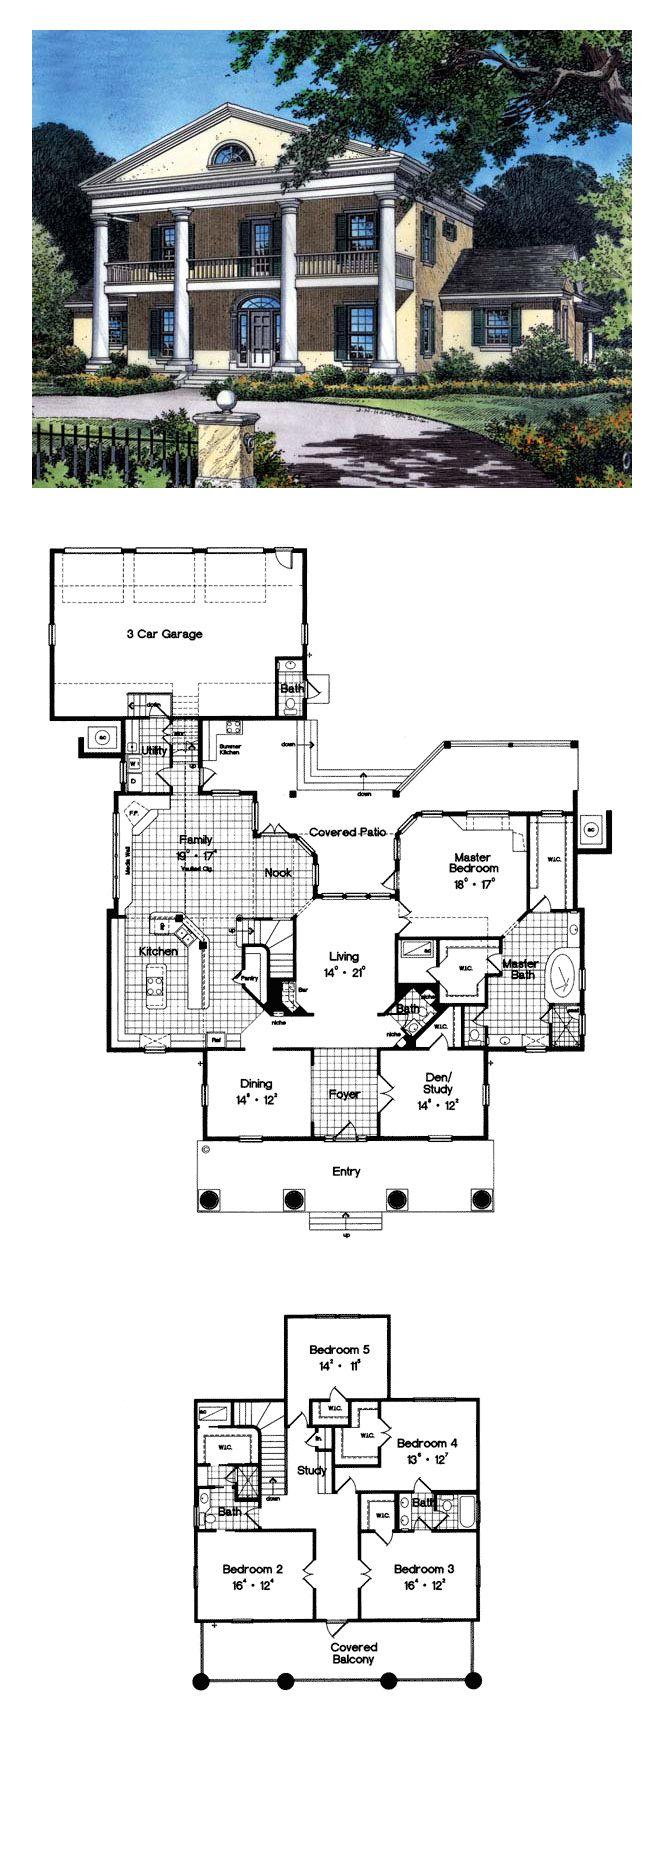 25 best ideas about plantation floor plans on pinterest for Plantation house plans